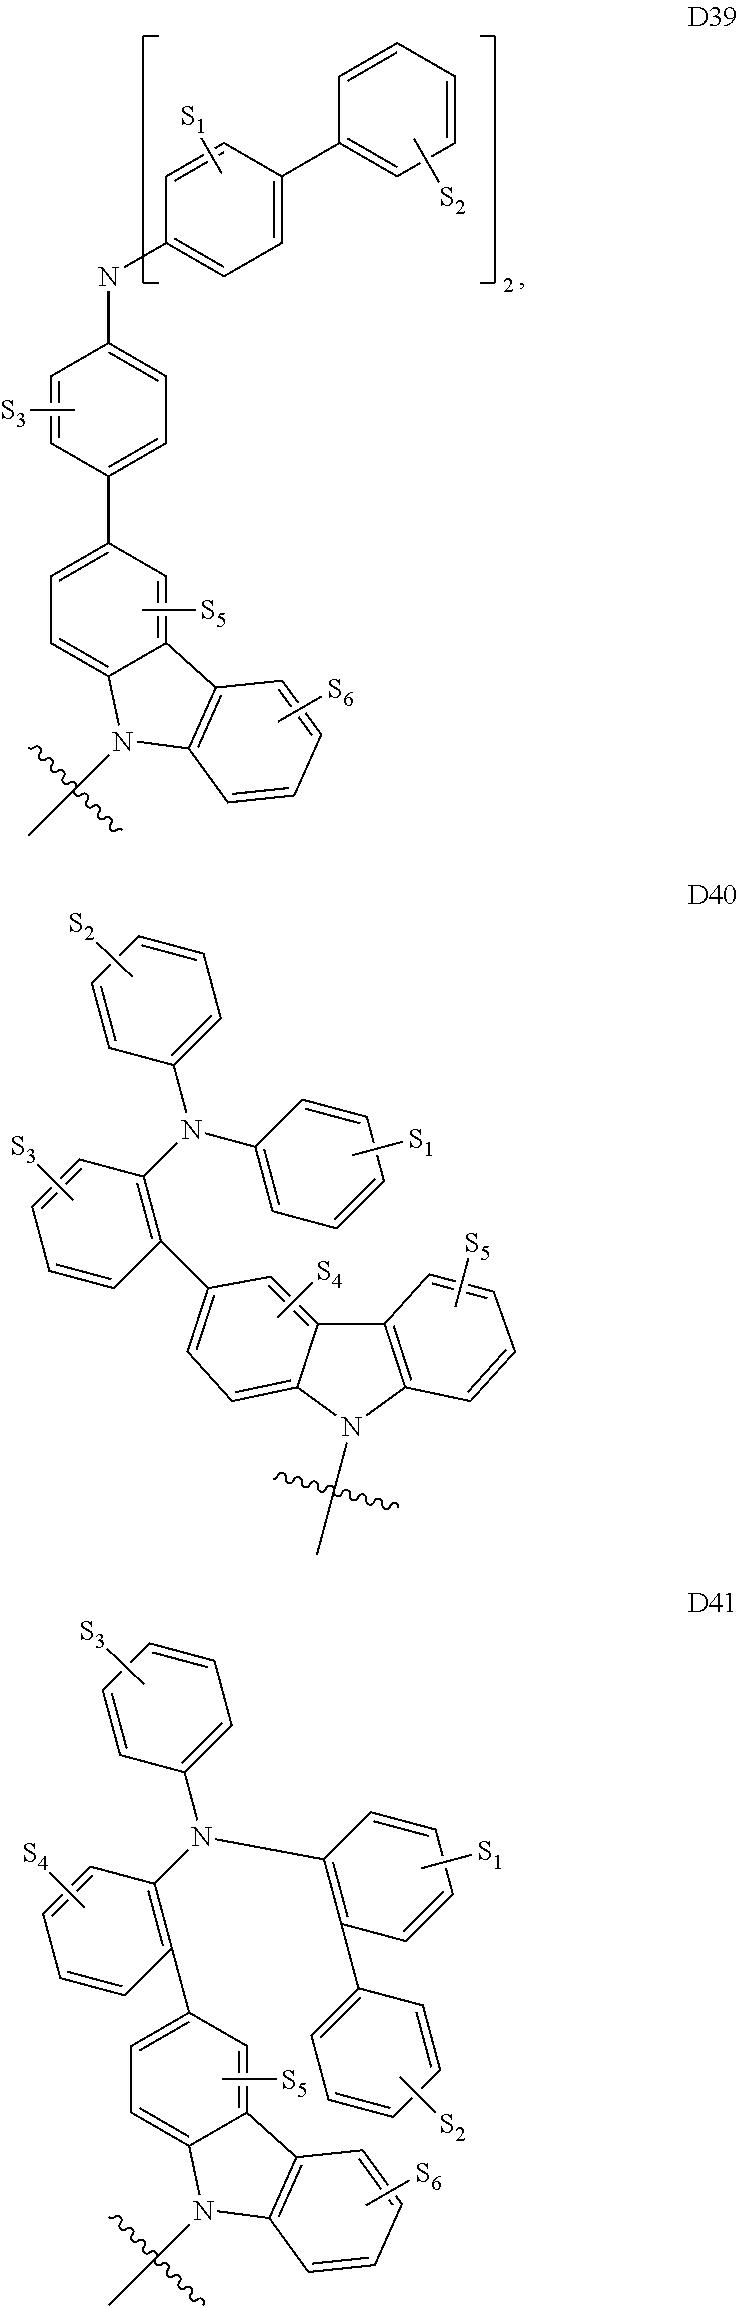 Figure US09537106-20170103-C00576